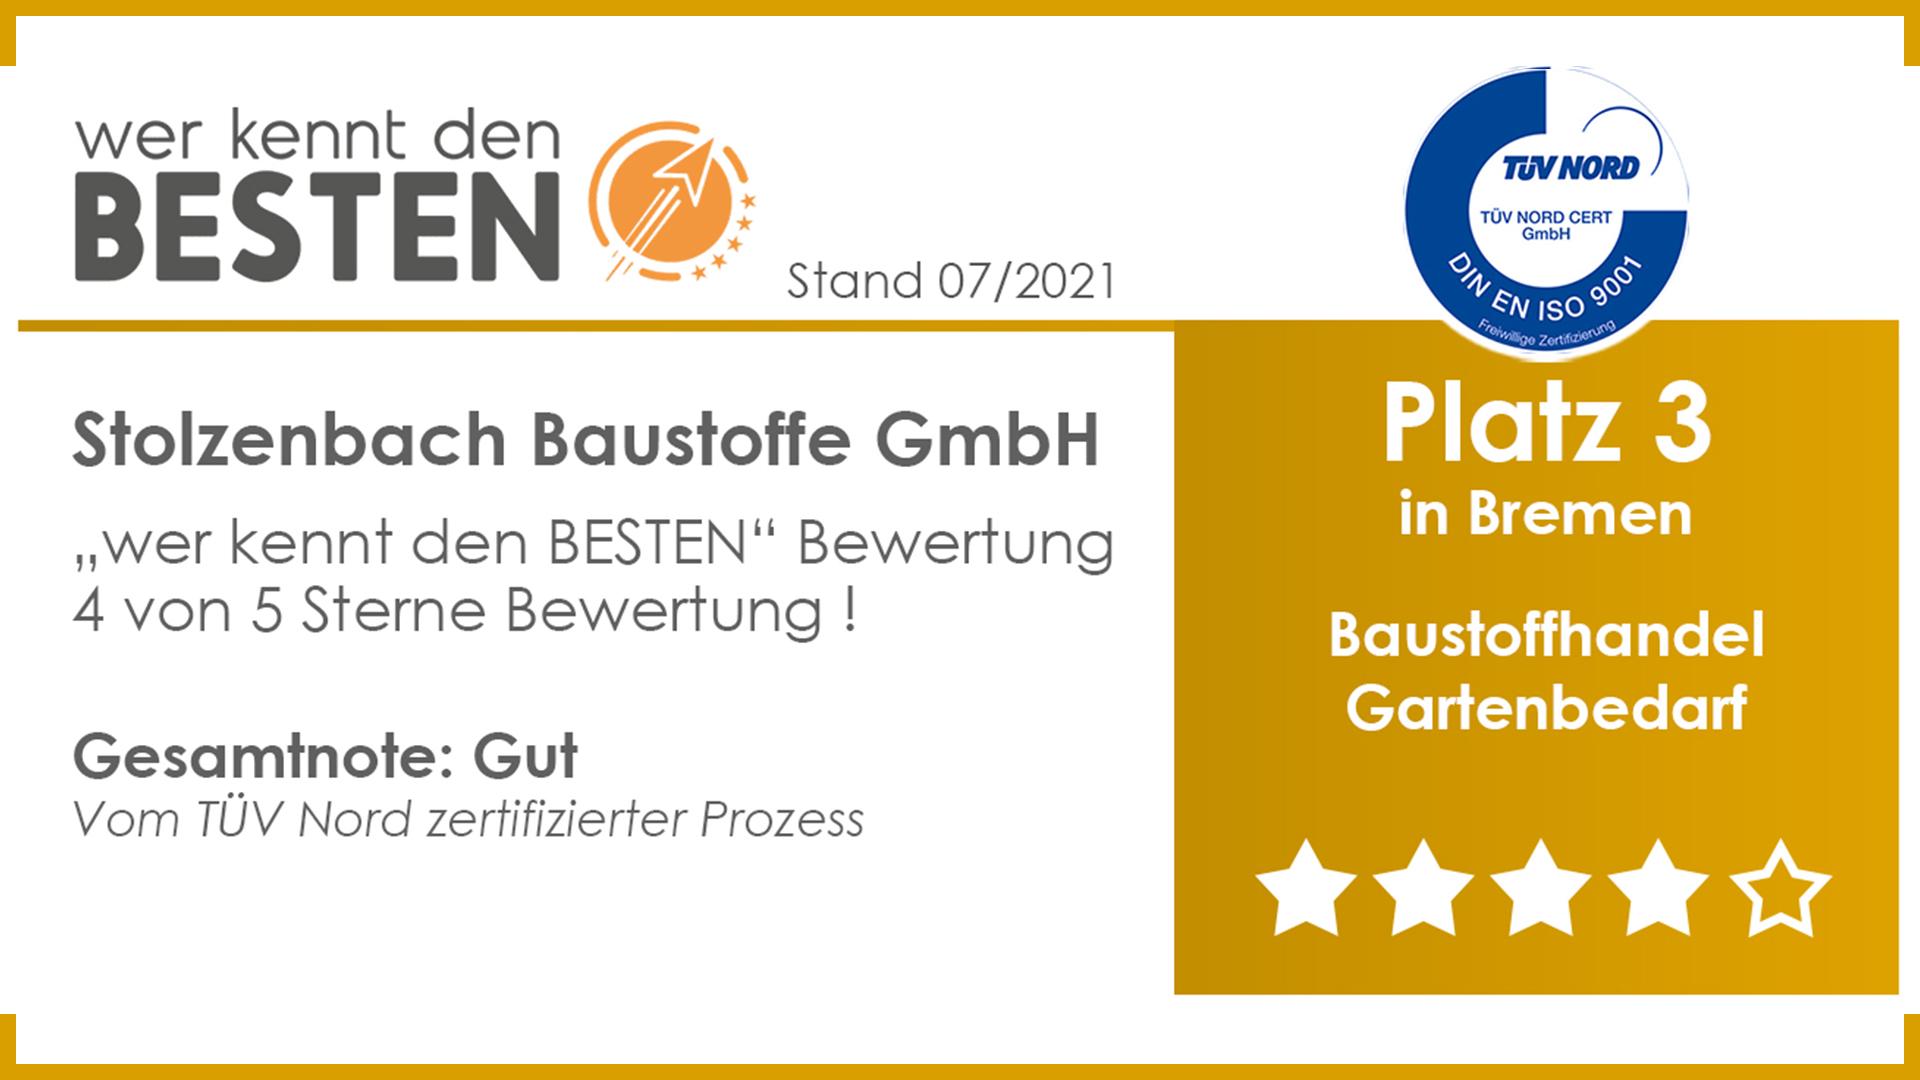 Top 3 Bewertung in Bremen Stolzenbach Baustoffe